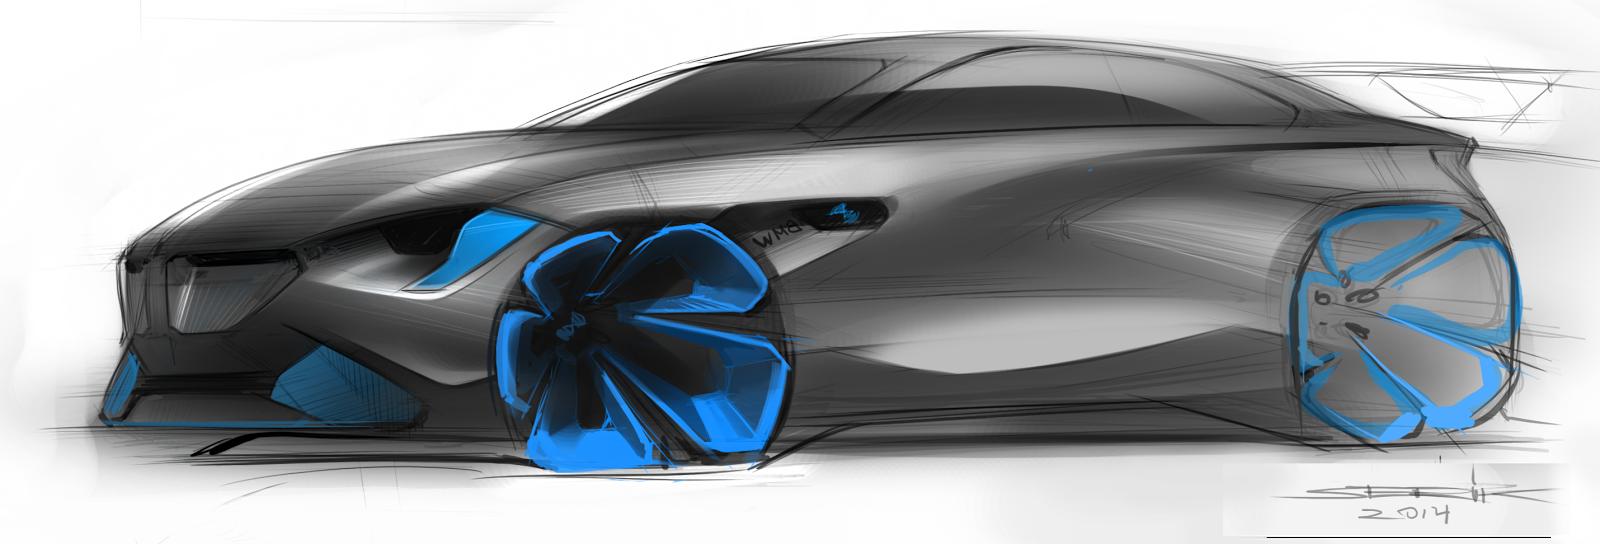 Pin von Robert Kovacs auf CarSketches | Pinterest | Autos und ...